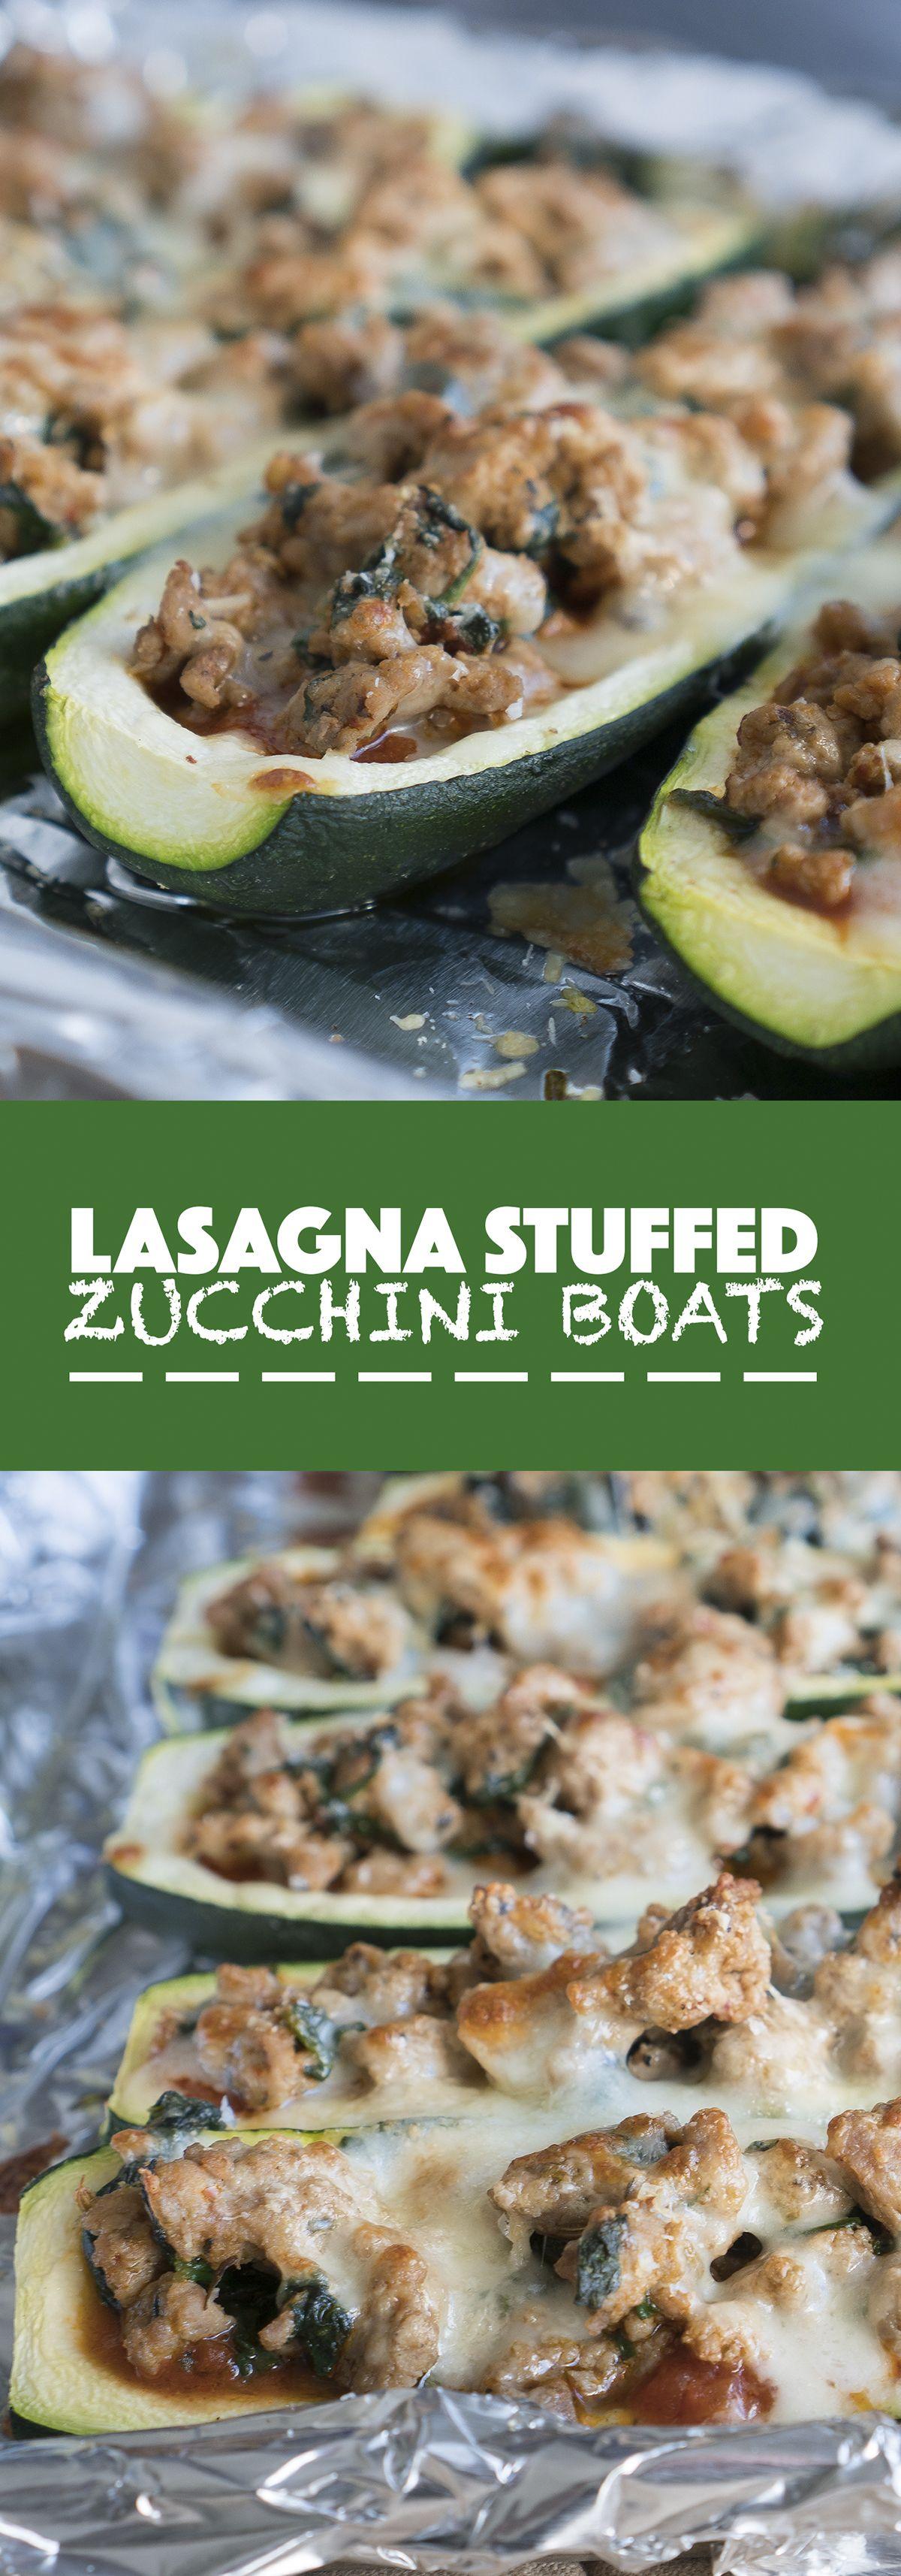 Photo of Lasagna Stuffed Zucchini Boats